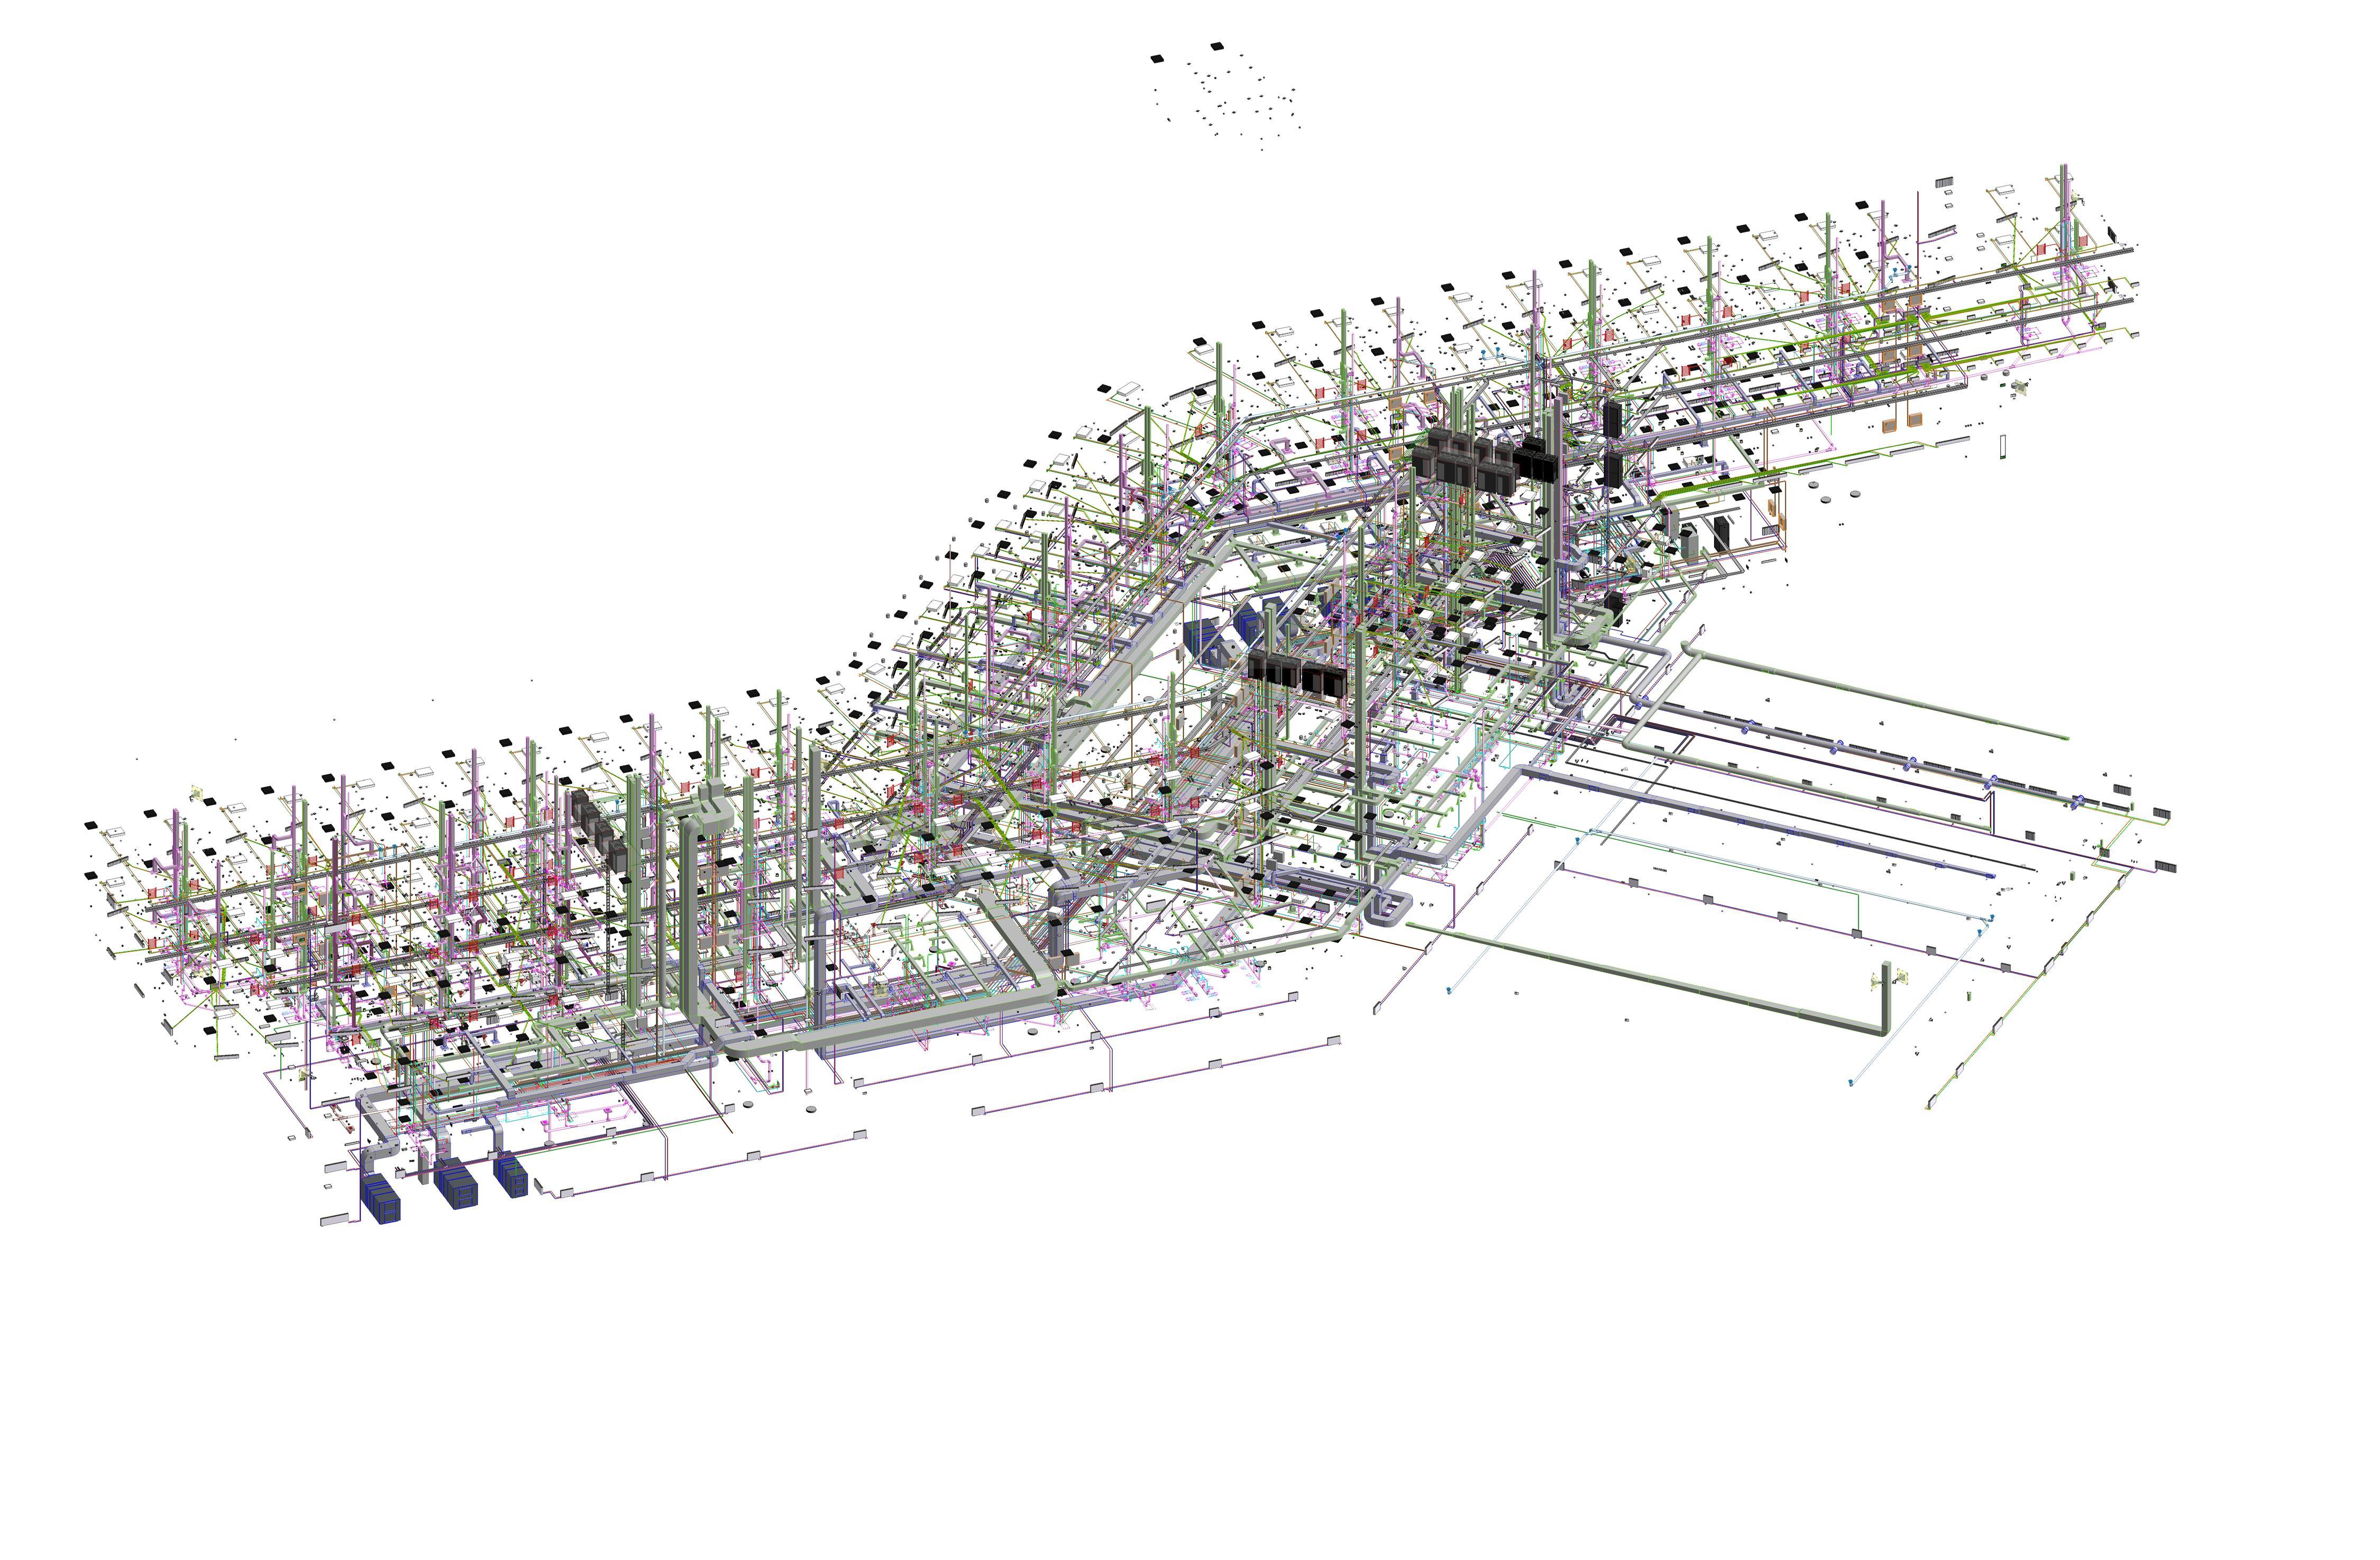 Revit MEP Proje Saina 3D Mimari NU